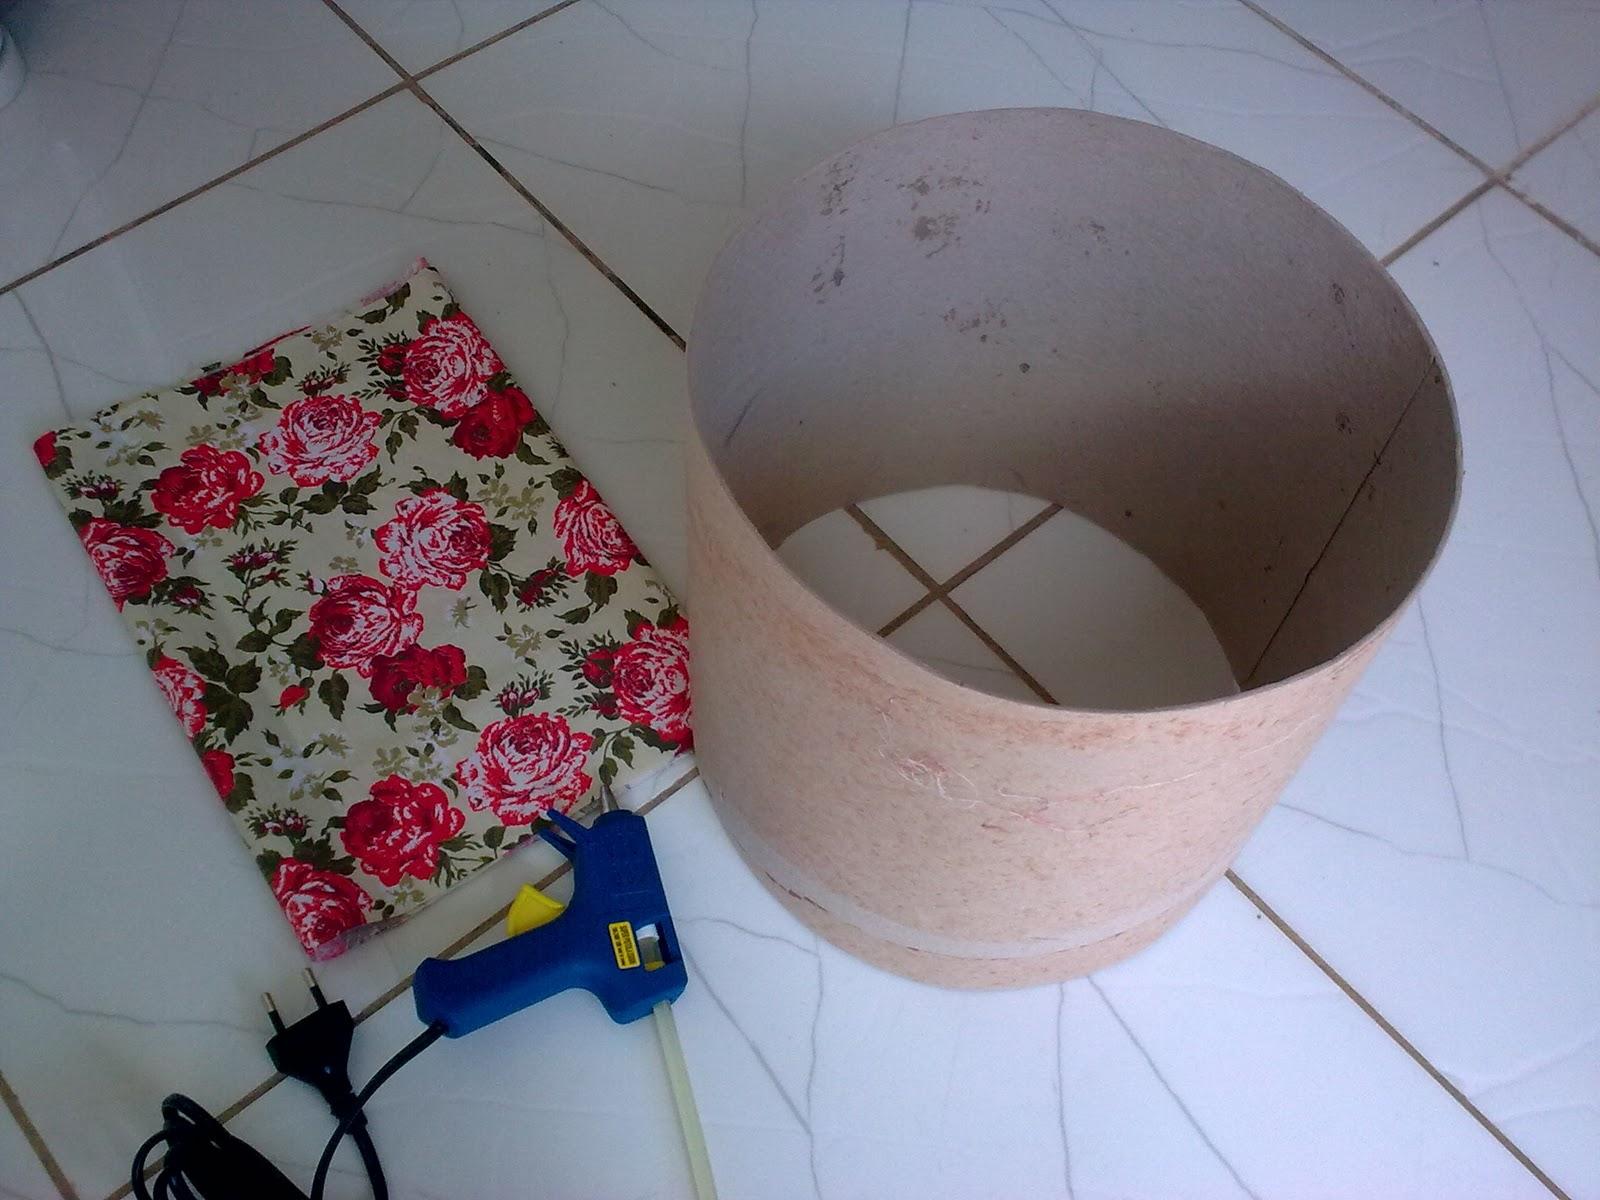 decoracao de interiores simples e barata : decoracao de interiores simples e barata:Lar Sempre Lar: Cúpula feita de Barrica de papelão, Linda.